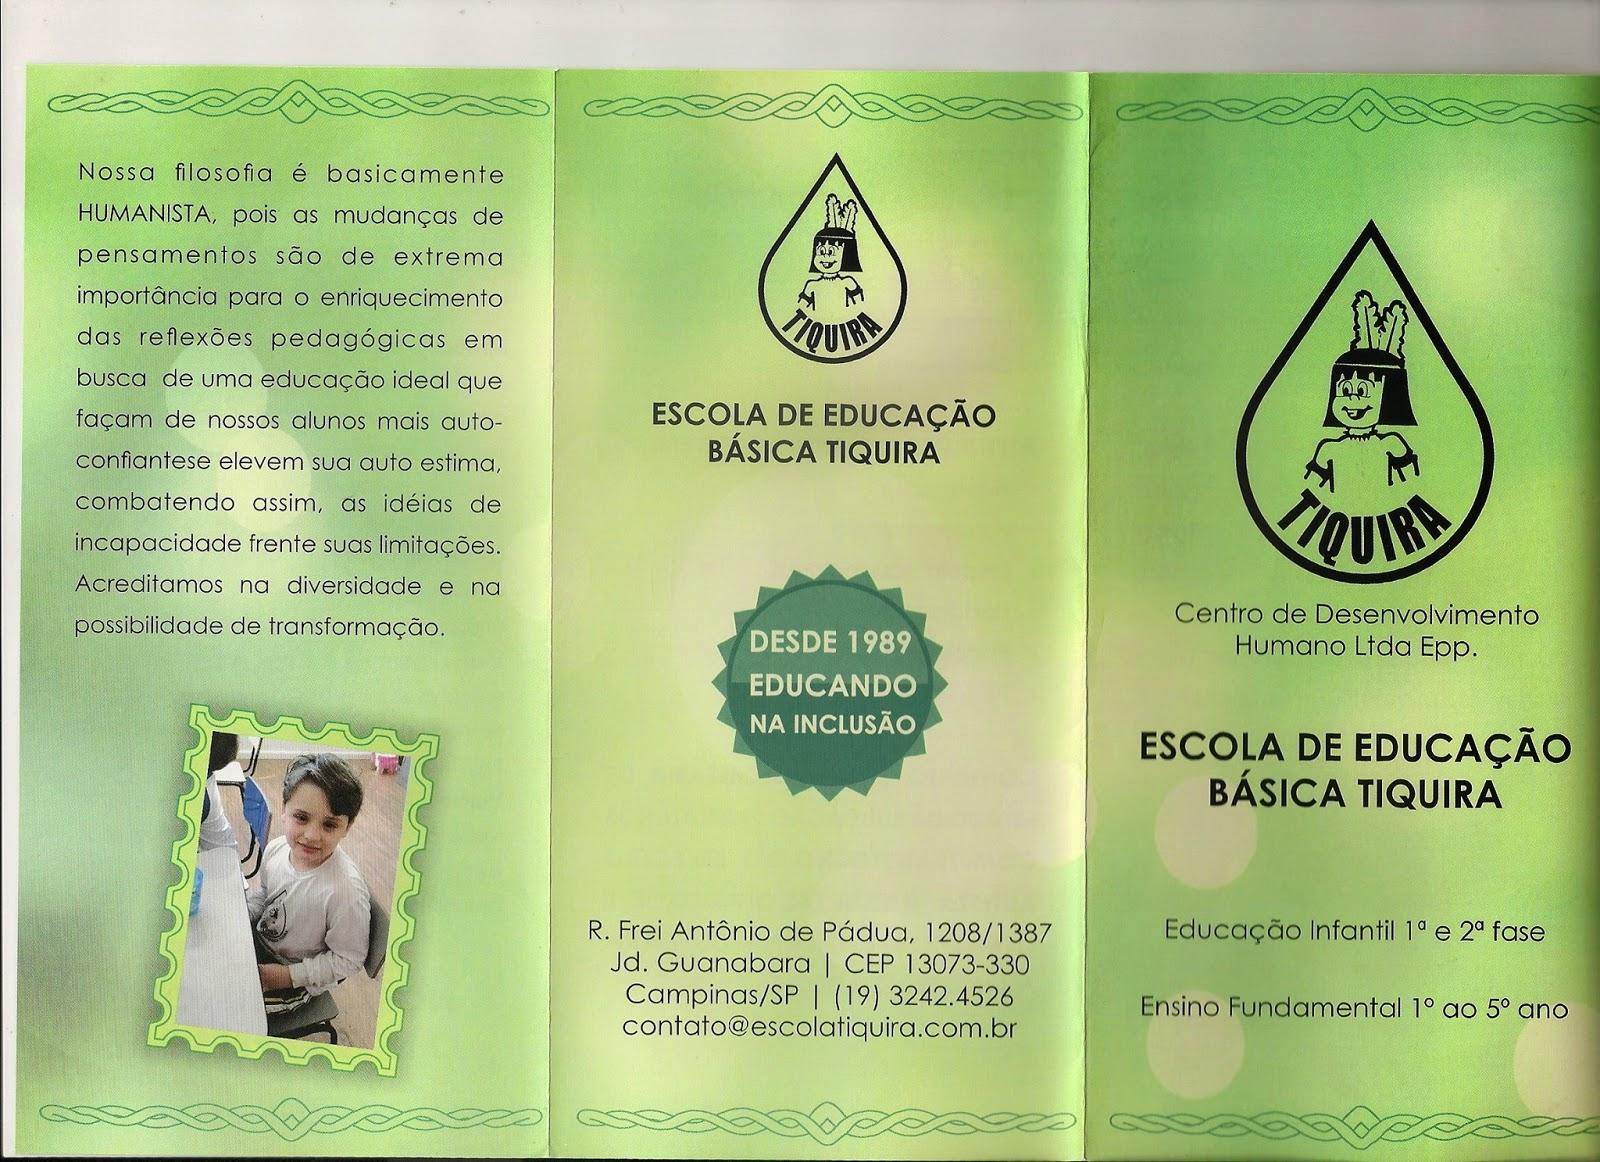 """Descrição: Folder da Escola de Educação Básica Tiquira: Na capa, está o logotipo da instituição, que consiste em um desenho em forma de gota, onde há outro desenho de um indiozinho e, embaixo dele, o nome """"Tiquira"""". Abaixo, vê-se a razão social: """"Centro de Desenvolvimento Humano Ltda. Epp."""" e, mais abaixo, em letras maiores, """"Escola de Educação Básica Tiquira: Educação infantil 1ª e 2ª fase; Ensino Fundamental 1º ao 5º ano. Na parte traseira, há um pequeno texto, que diz: """"Nossa filosofia é basicamente humanista, pois as mudanças de pensamentos são de extrema importância para o enriquecimento das reflexões pedagógicas em busca de uma educação ideal que faça de nossos alunos mais autoconfiantes e elevem sua auto-estima, combatendo assim as ideias de incapacidade frente a suas limitações. Acreditamos na diversidade e na possibilidade de transformação."""" Embaixo, vê-se a foto de um menino loiro, de olhos azuis, sentado a uma mesa na sala de aula. Ele está olhando para a câmera e sorrindo. No centro do folder, vê-se novamente o logotipo da instituição, no topo, seguido dos dizeres: """"Escola de Educação Básica Tiquira"""". Embaixo, há um selo verde escuro, que tem um formato que lembra uma tampa metálica de garrafa. No centro do selo, está escrito: """"Desde 1989 educando na inclusão"""". Na parte de baixo, está o endereço da escola: Rua Frei Antônio de Pádua, 1208/1387. Jardim Guanabara. CEP 13073-330. Campinas - SP. Telefone: (19) 3242-4526. E-mail: contato@escolatiquira.com.br"""